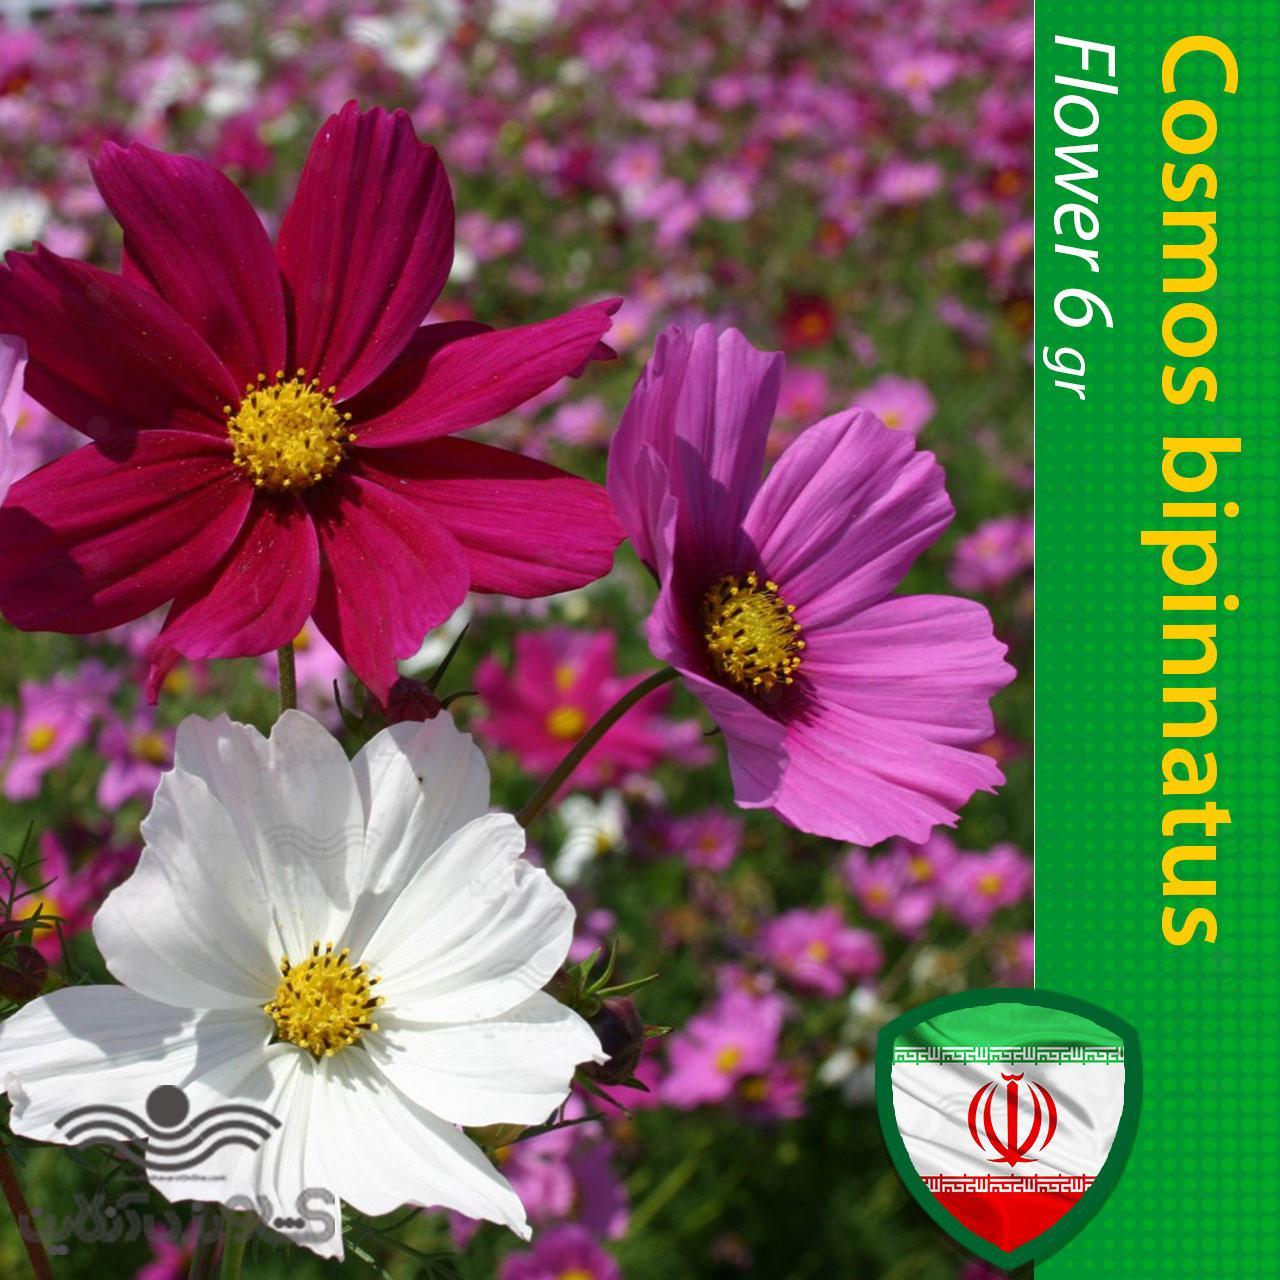 بذر گل ستاره ای و روش کاشت